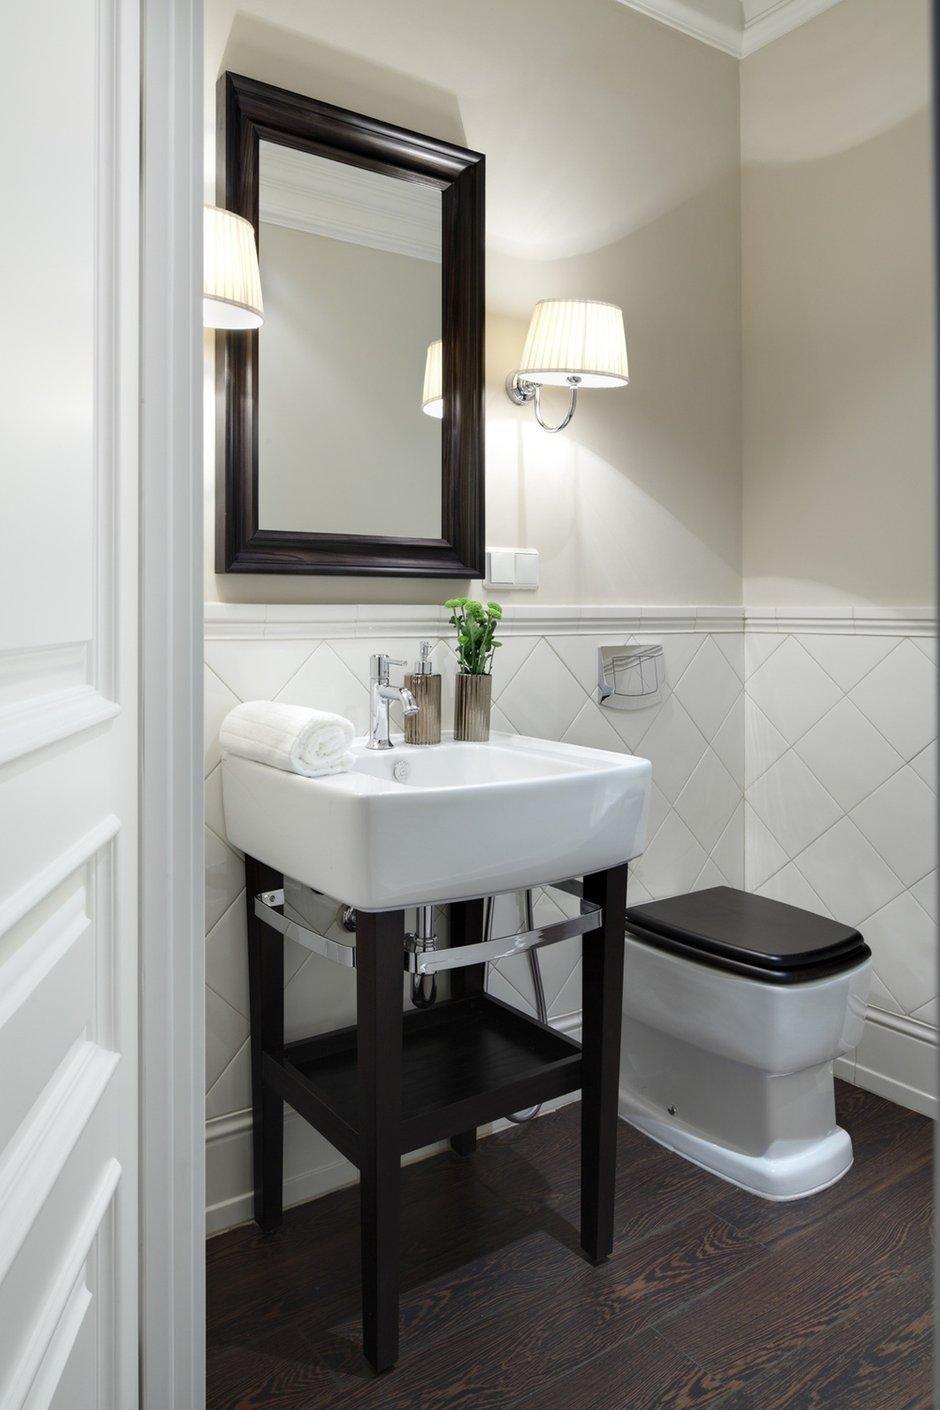 Фотография: Ванная в стиле Современный, Квартира, Текстиль, Дома и квартиры – фото на INMYROOM